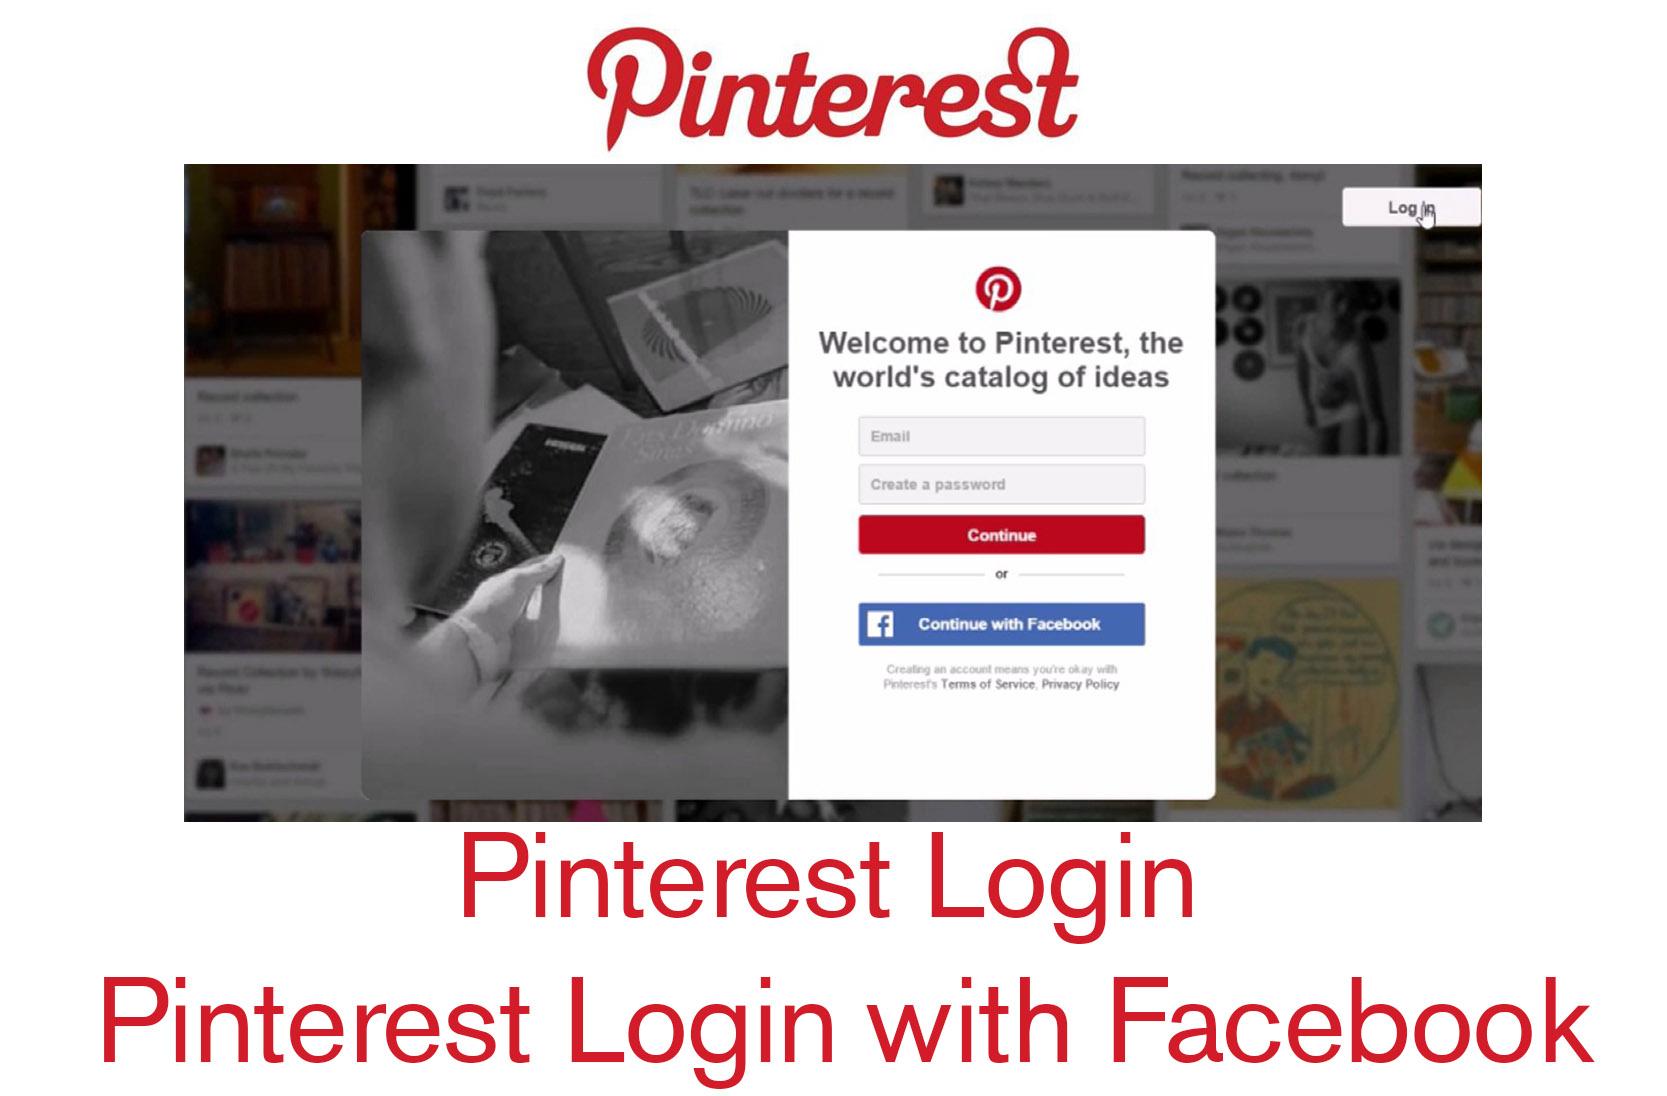 Pinterest Login - Pinterest Login with Facebook